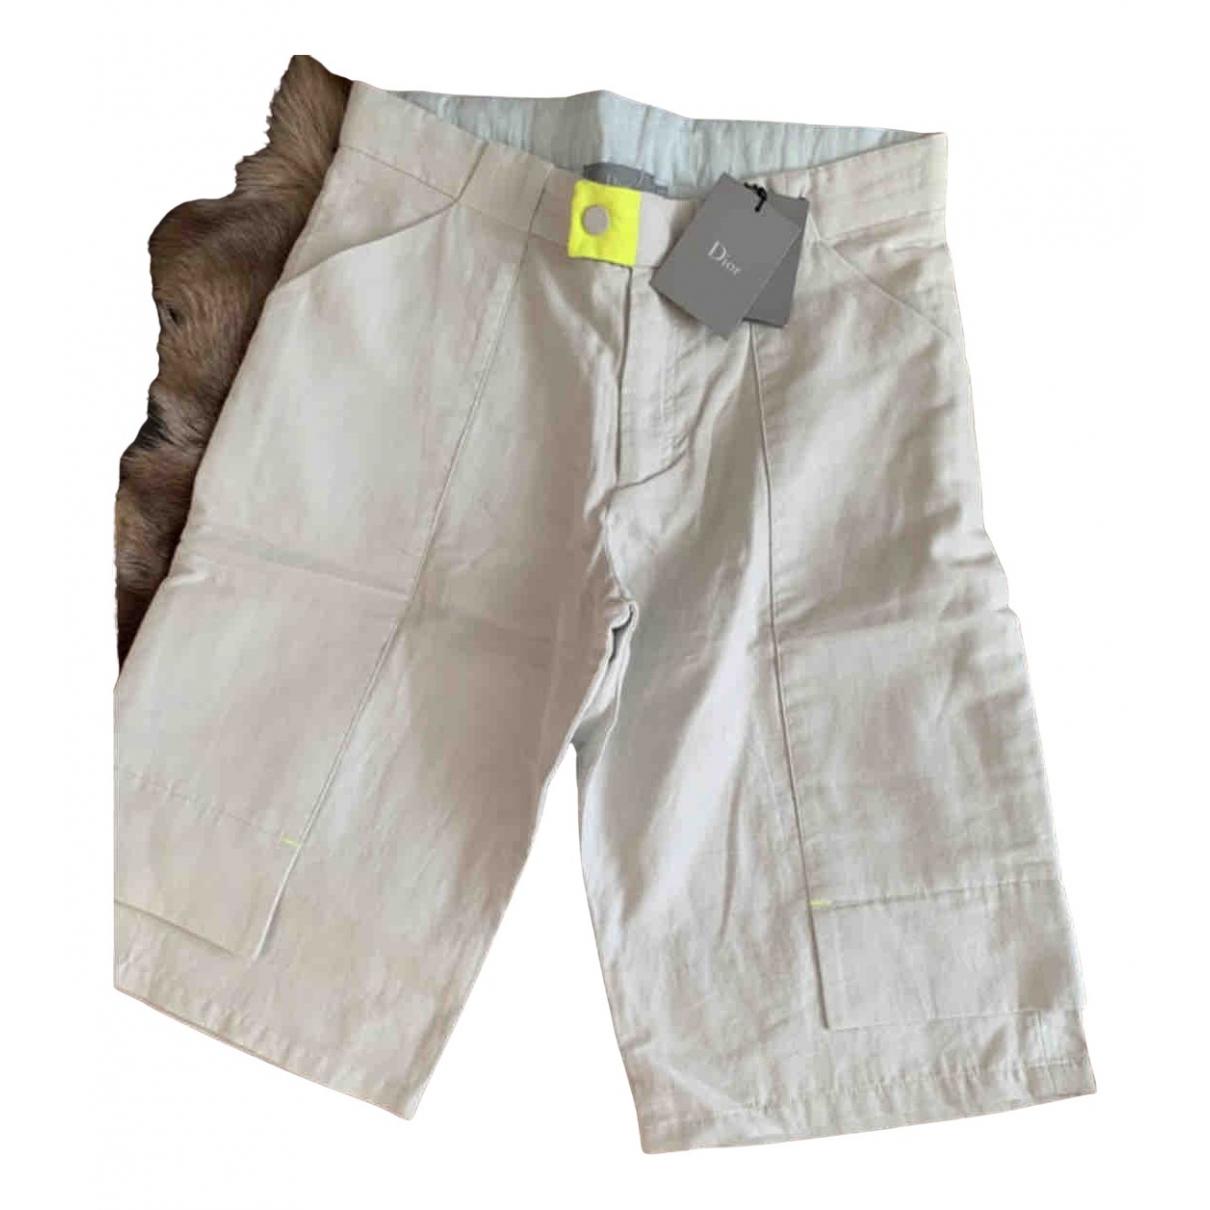 Pantalon corto Dior